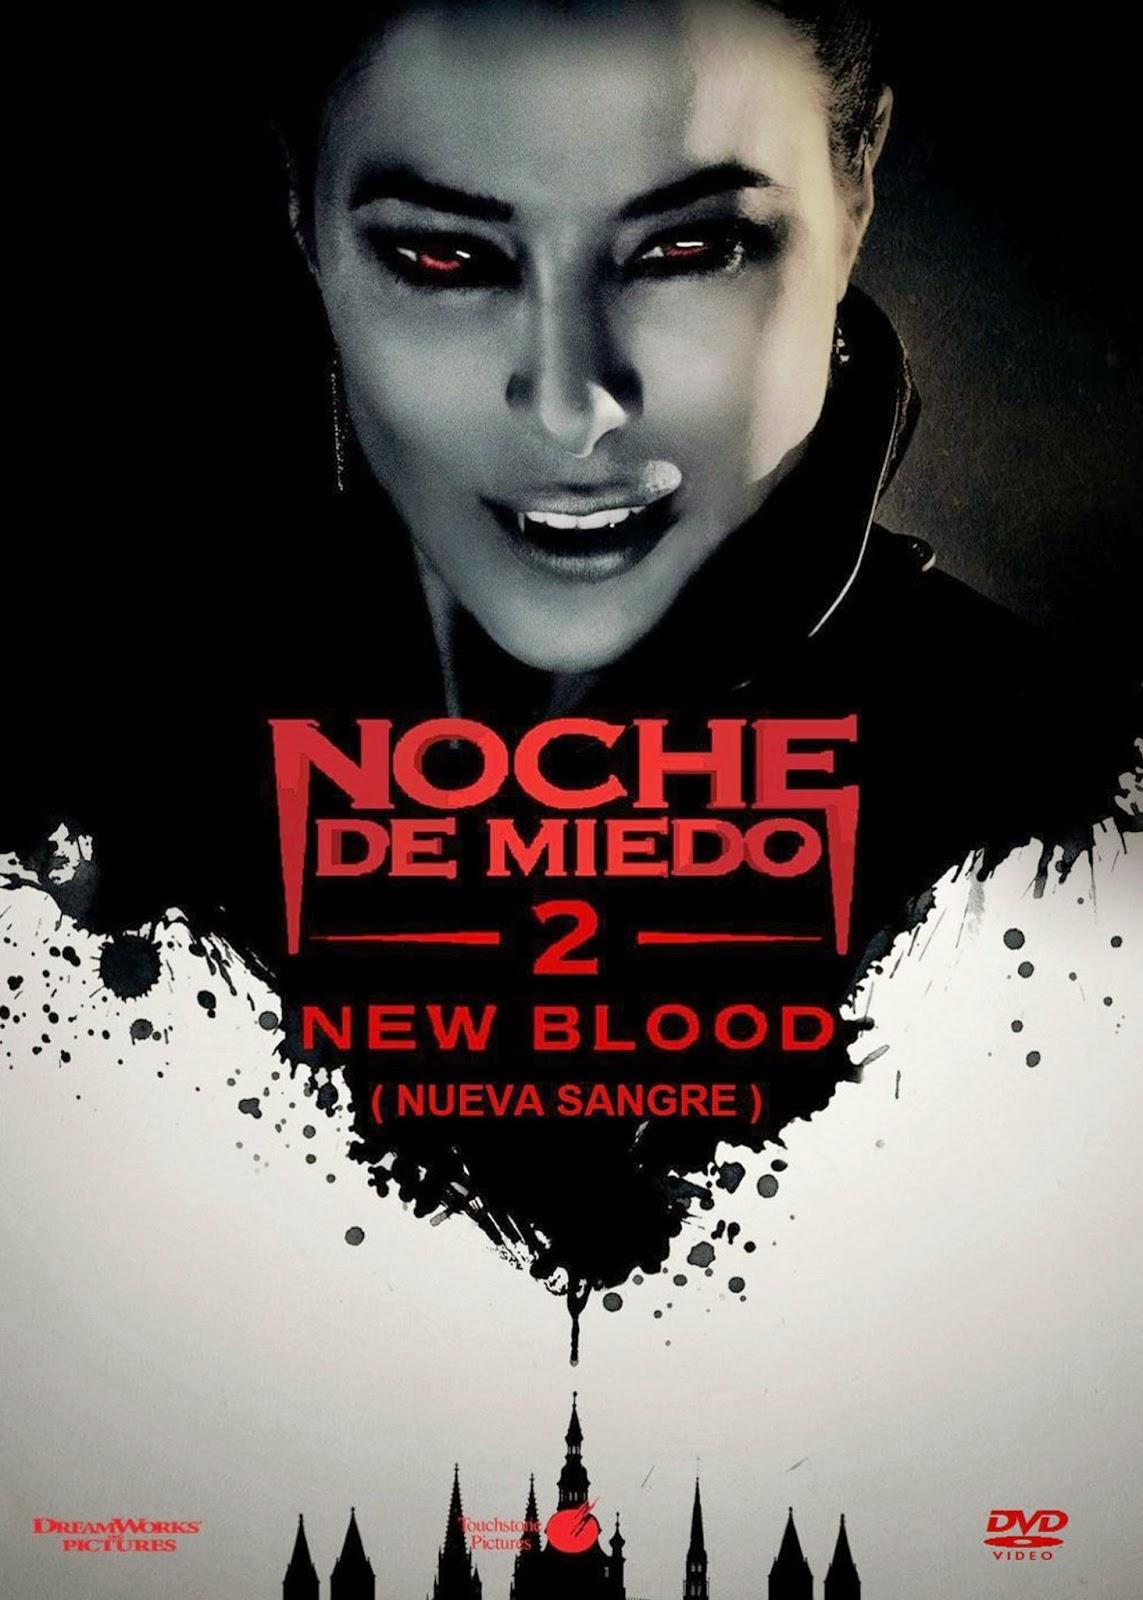 Noche de miedo 2 (2013)